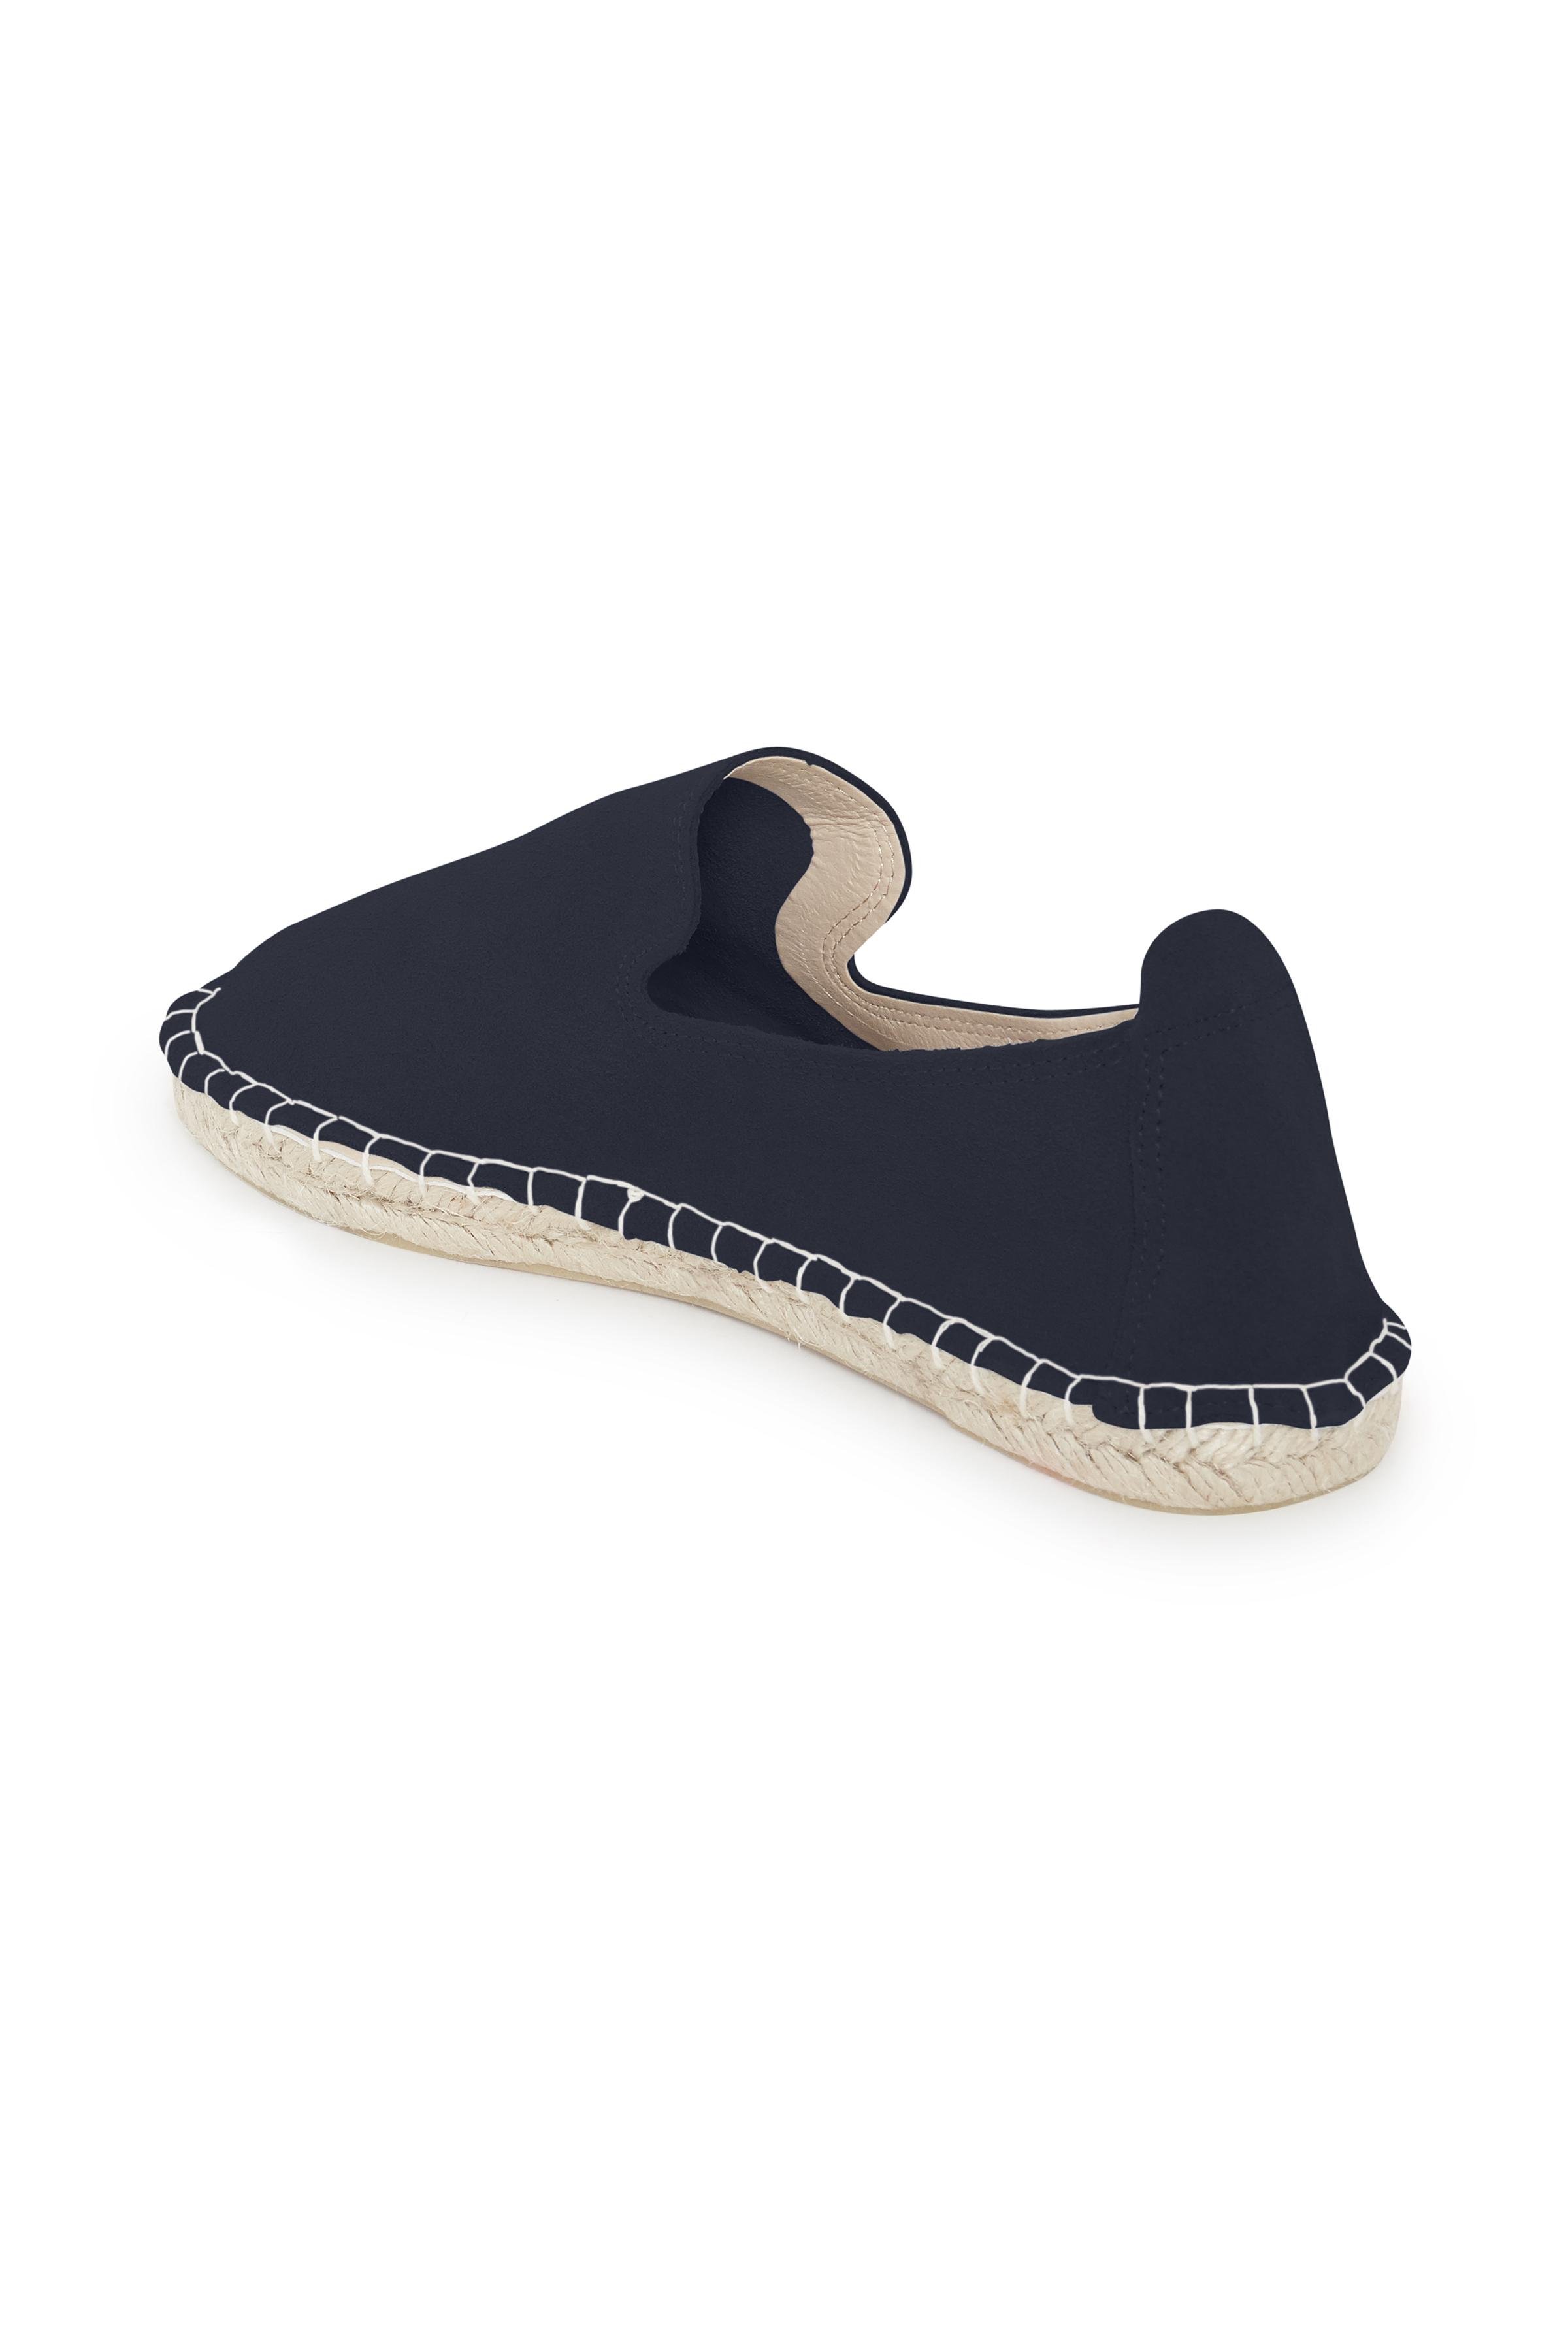 Dunkelblau Lederschuh von Ichi - accessories – Shoppen Sie Dunkelblau Lederschuh ab Gr. 36-42 hier